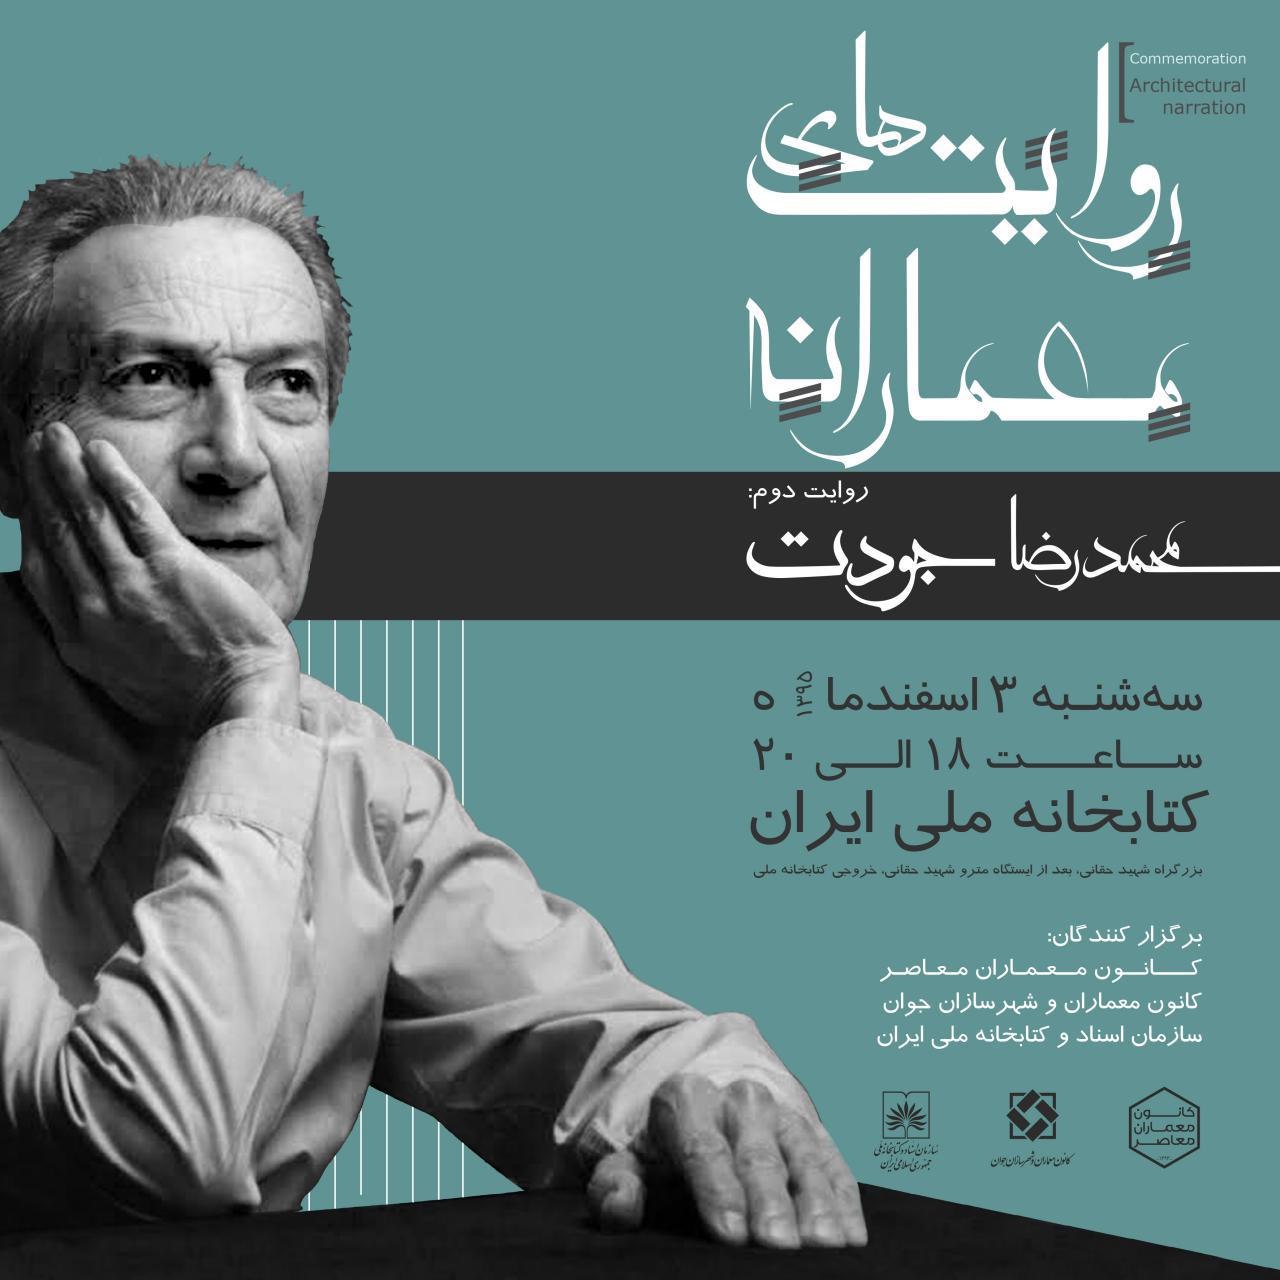 نکوداشت مهندس محمدرضا جودت|روایت دوم